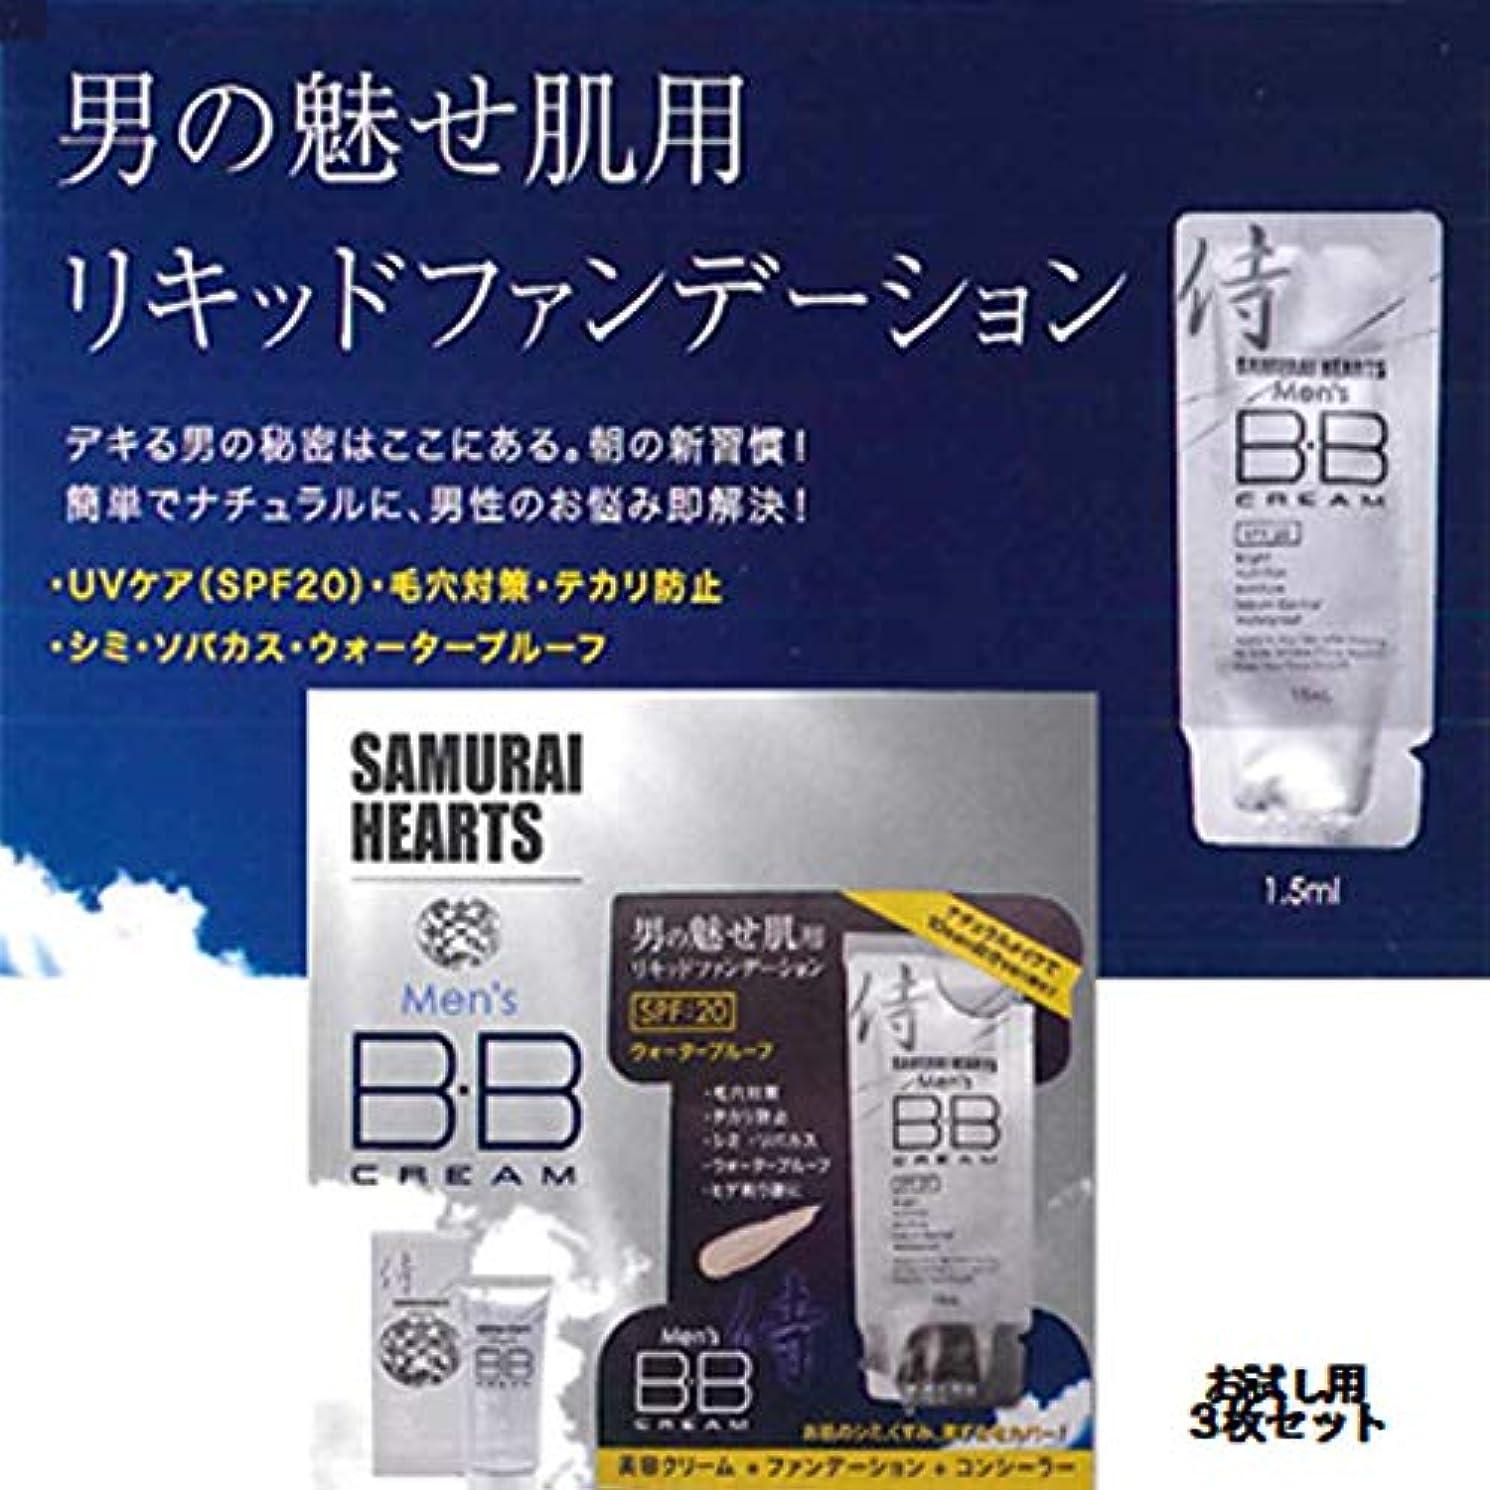 チップ低下コミットサムライハーツ BBクリーム SPF20 パウチ1.5ml 3枚入 お試し用